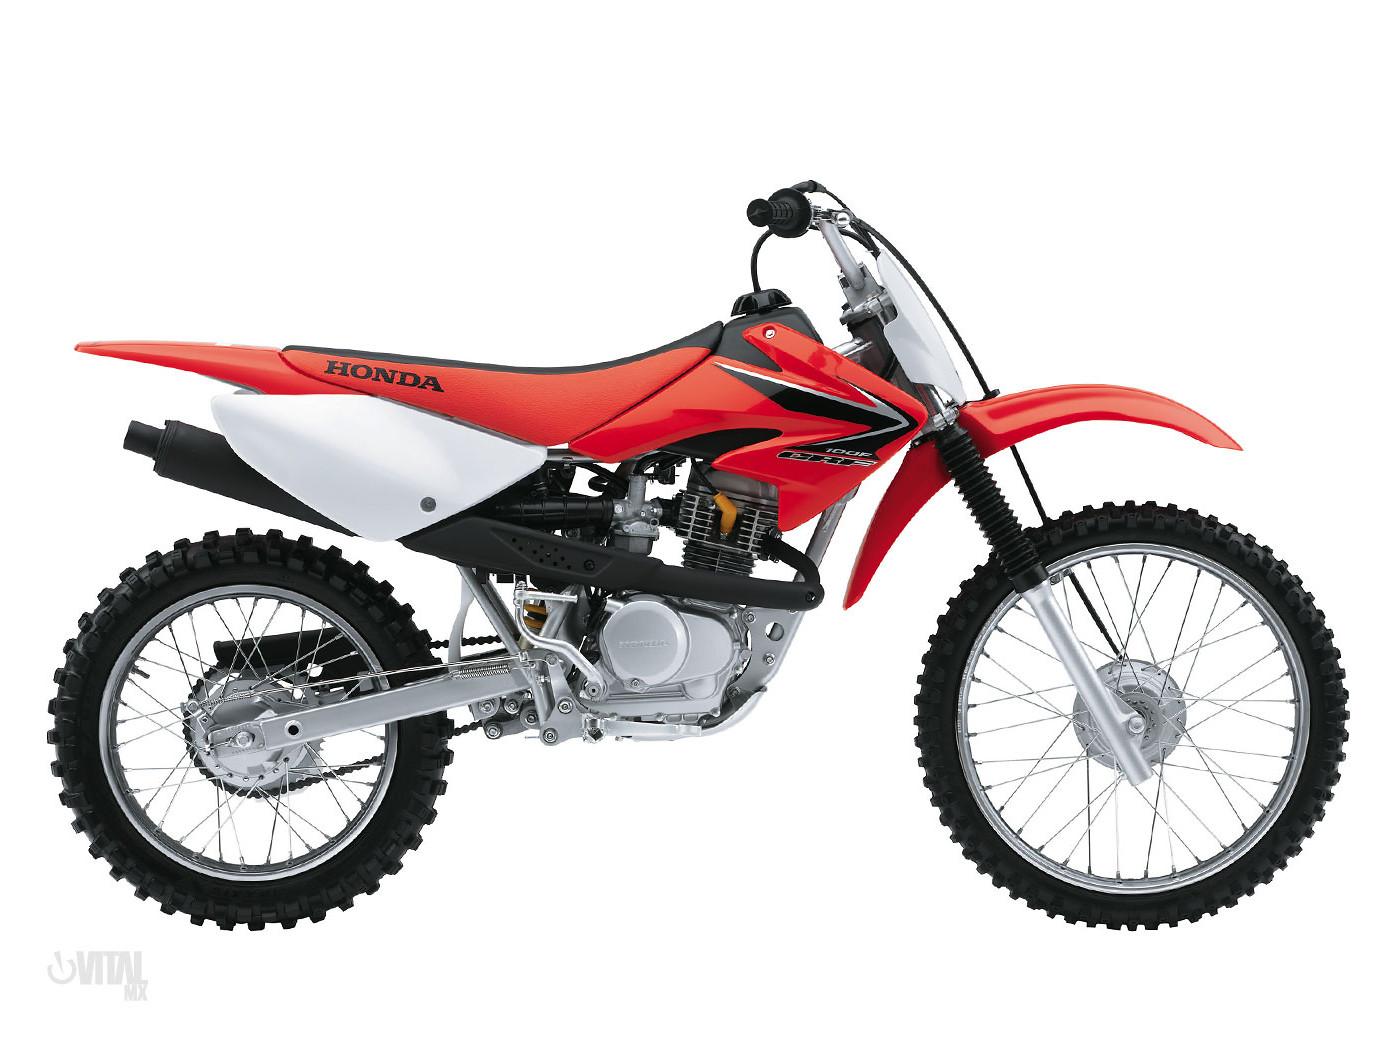 2008 Honda CRF100F  2008 Honda CRF100F